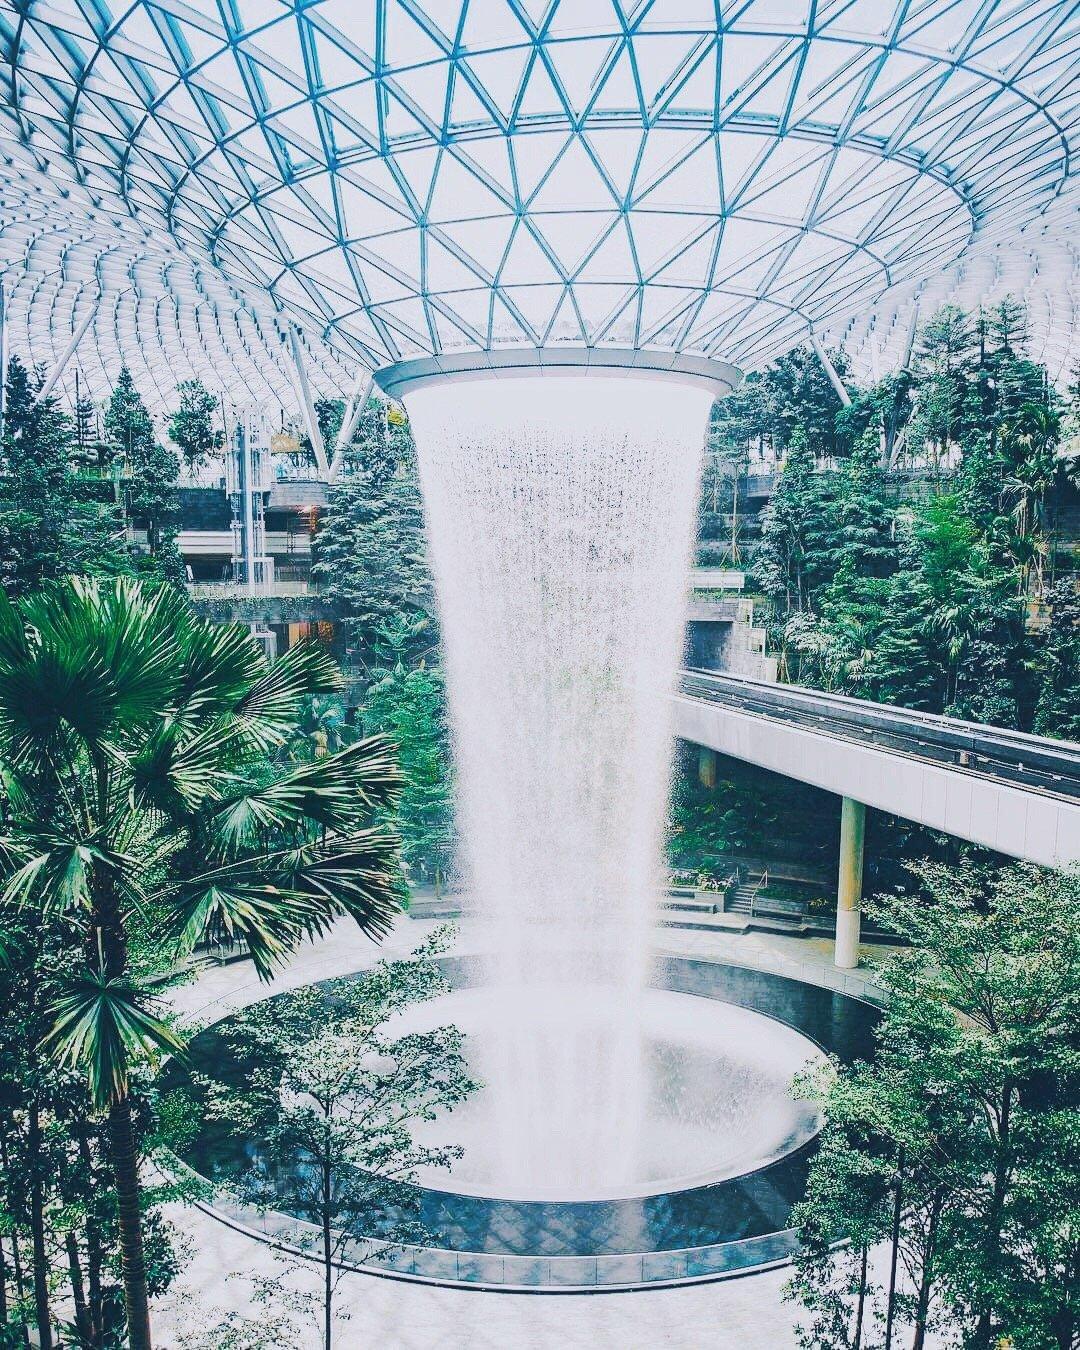 新加坡樟宜机场 | 梦幻的巨大人工瀑布!